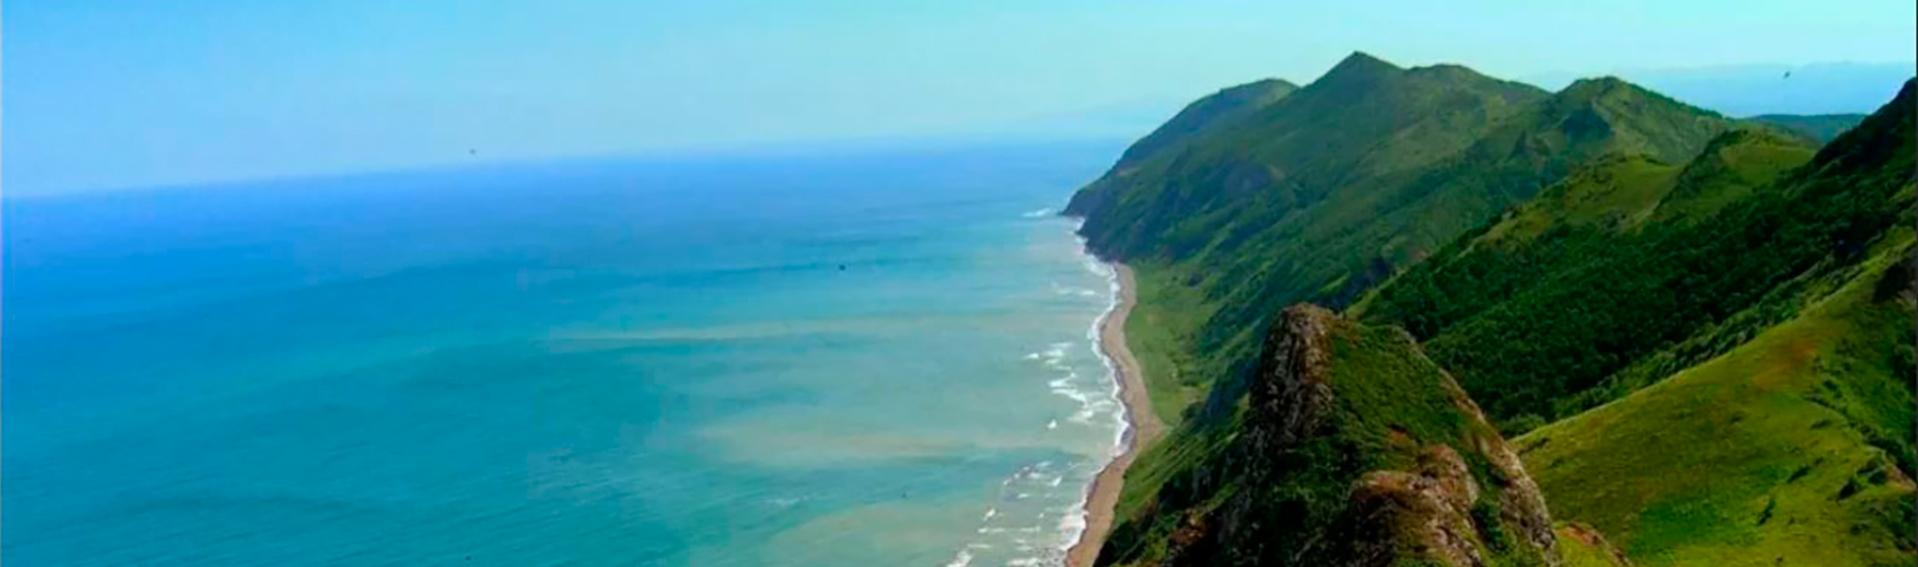 Сахалин: добро пожаловать на таинственный остров